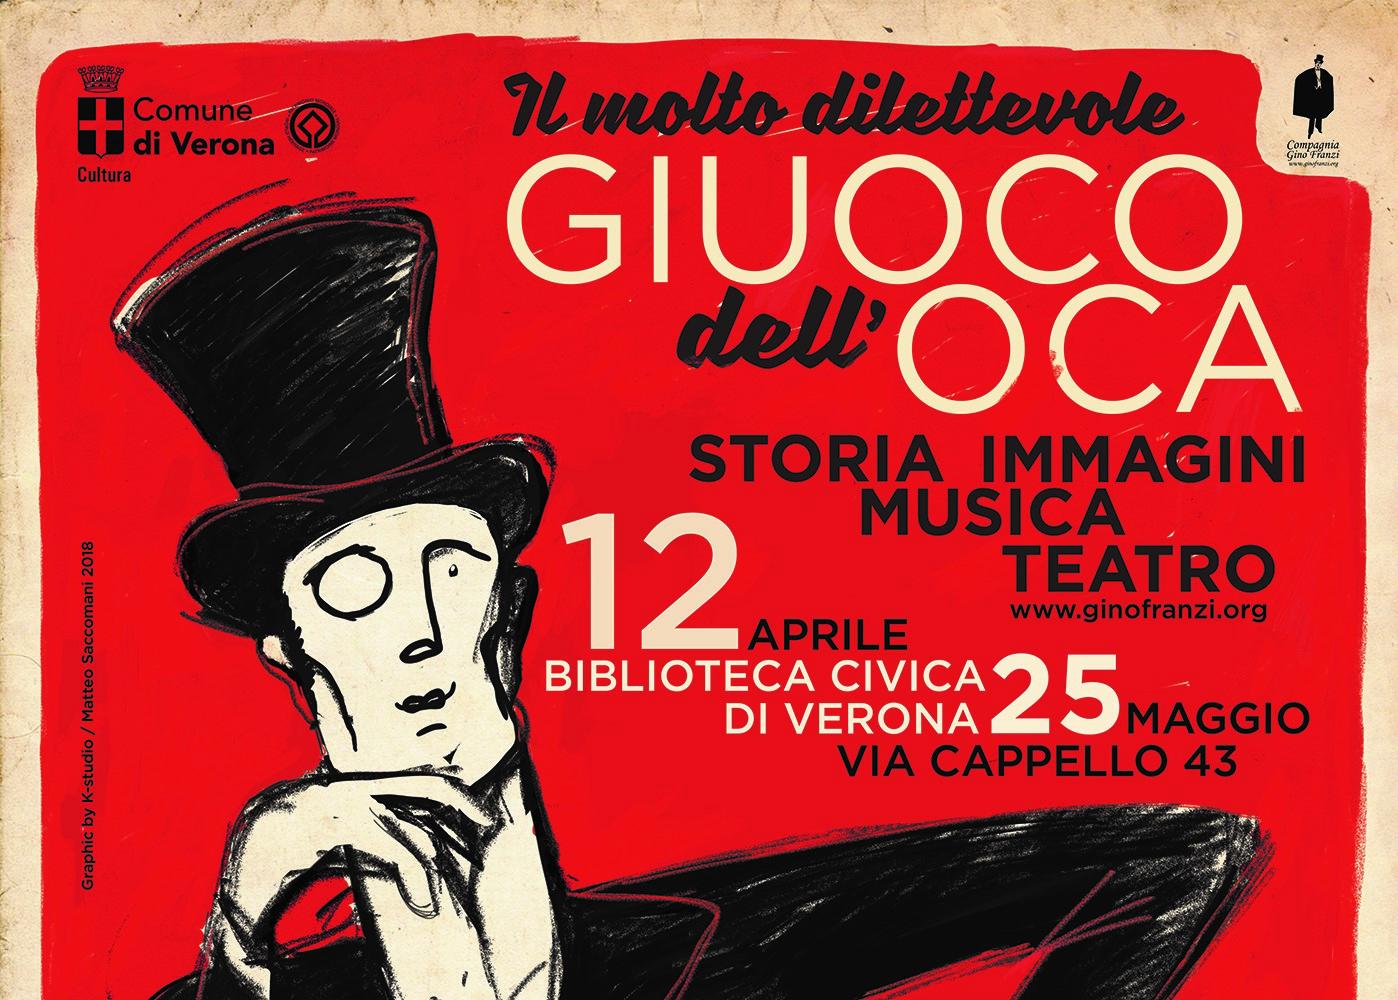 Teatro e solidarietà a Verona con il gioco dell'oca